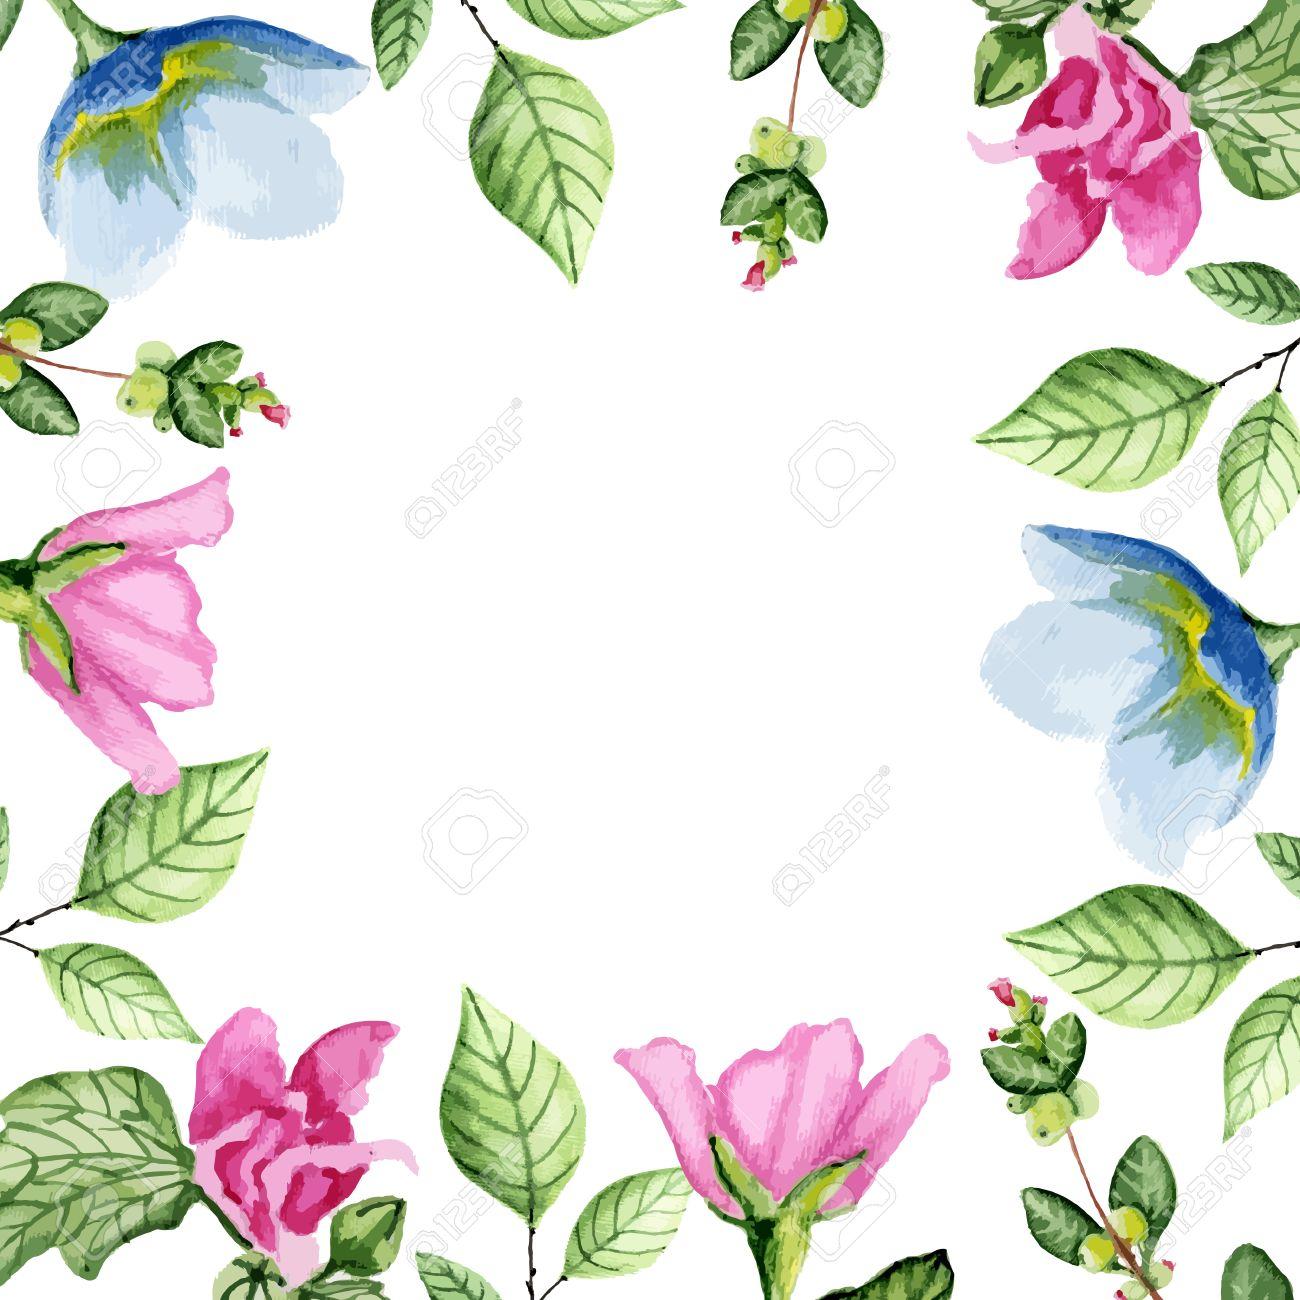 Acuarela Floral Blanco Marco, Tarjeta O Invitación. Ilustración ...